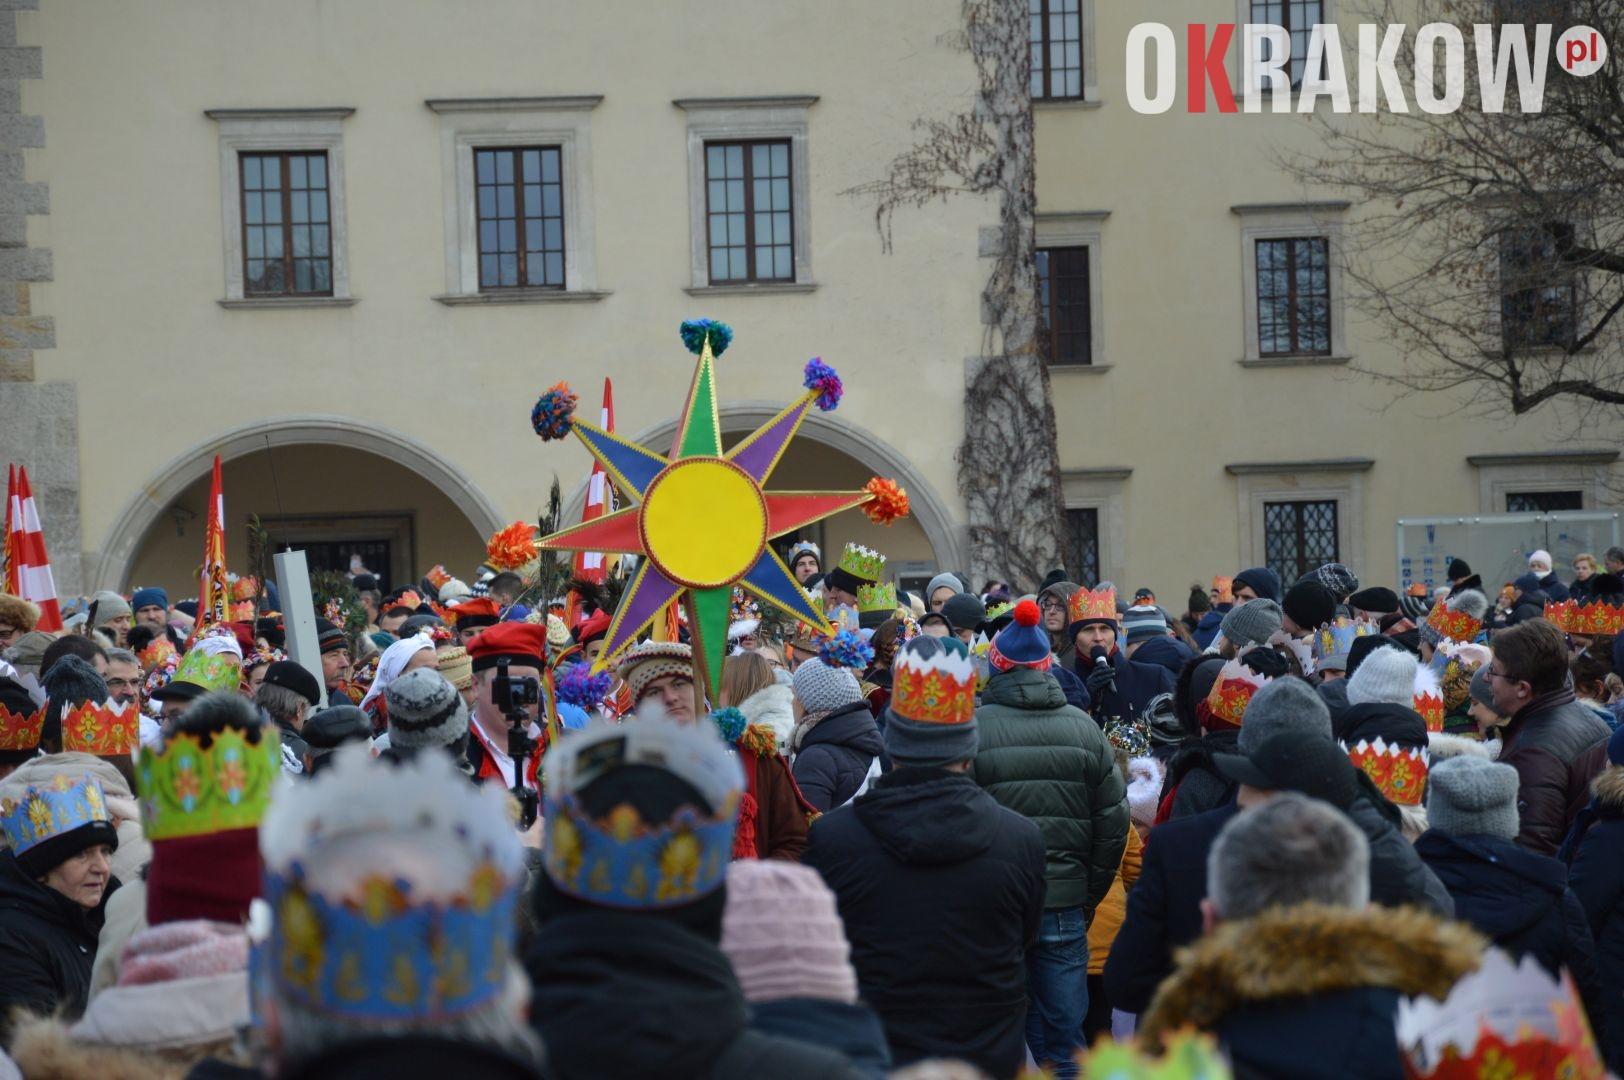 orszak 4 2 150x150 - Orszak Trzech Króli Kraków 2020 Galeria Zdjęć z Orszaku (czerwonego)